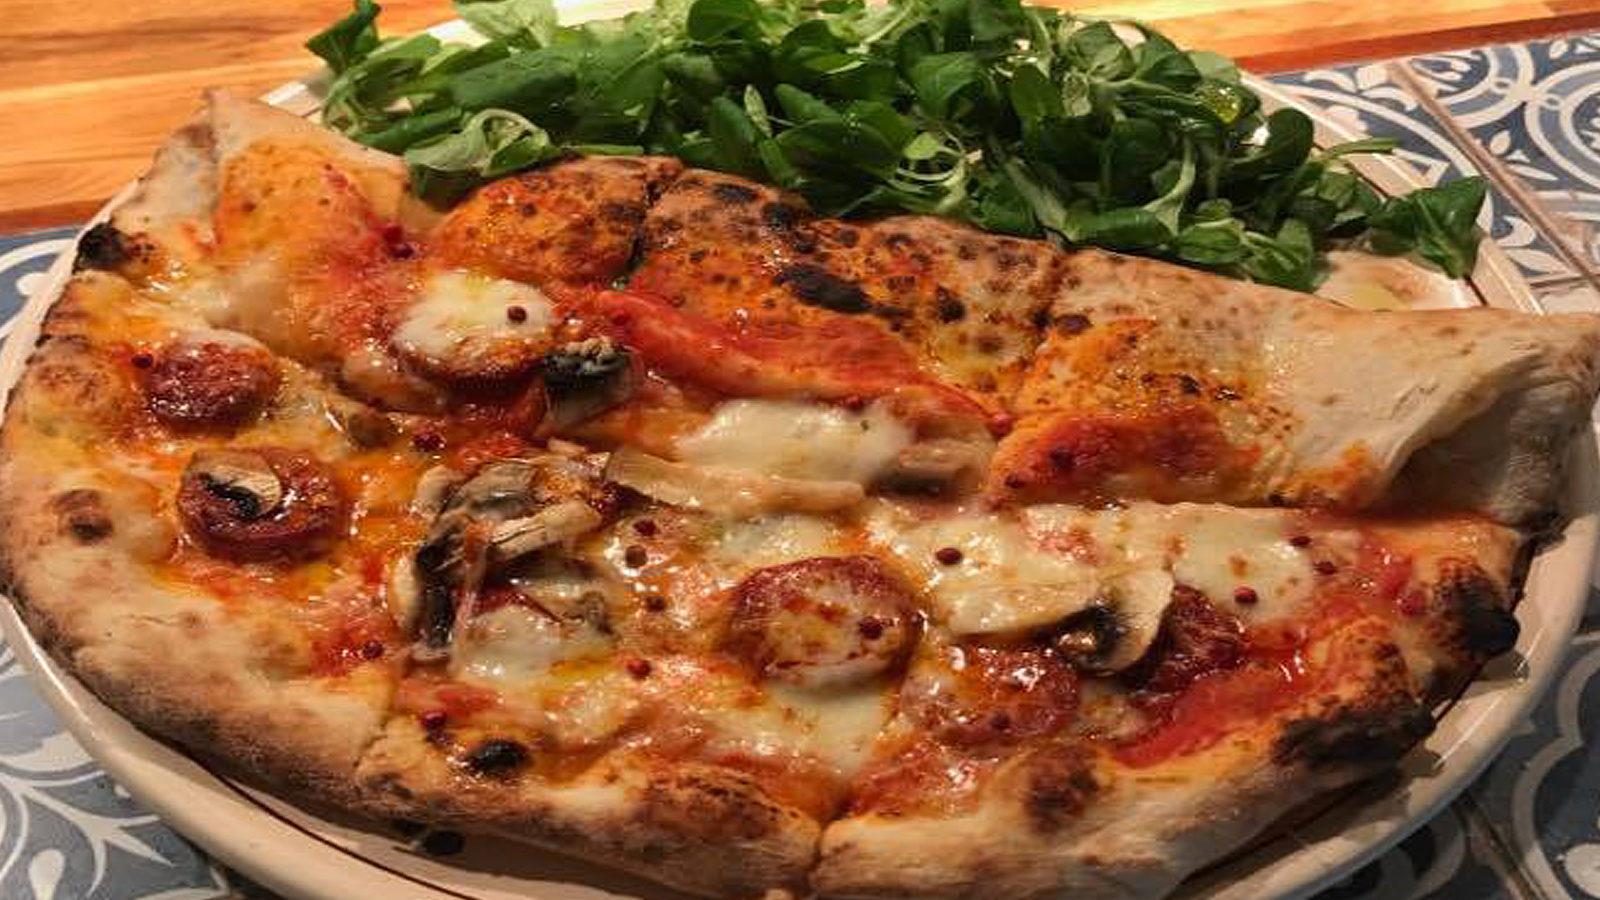 PizzaProsto